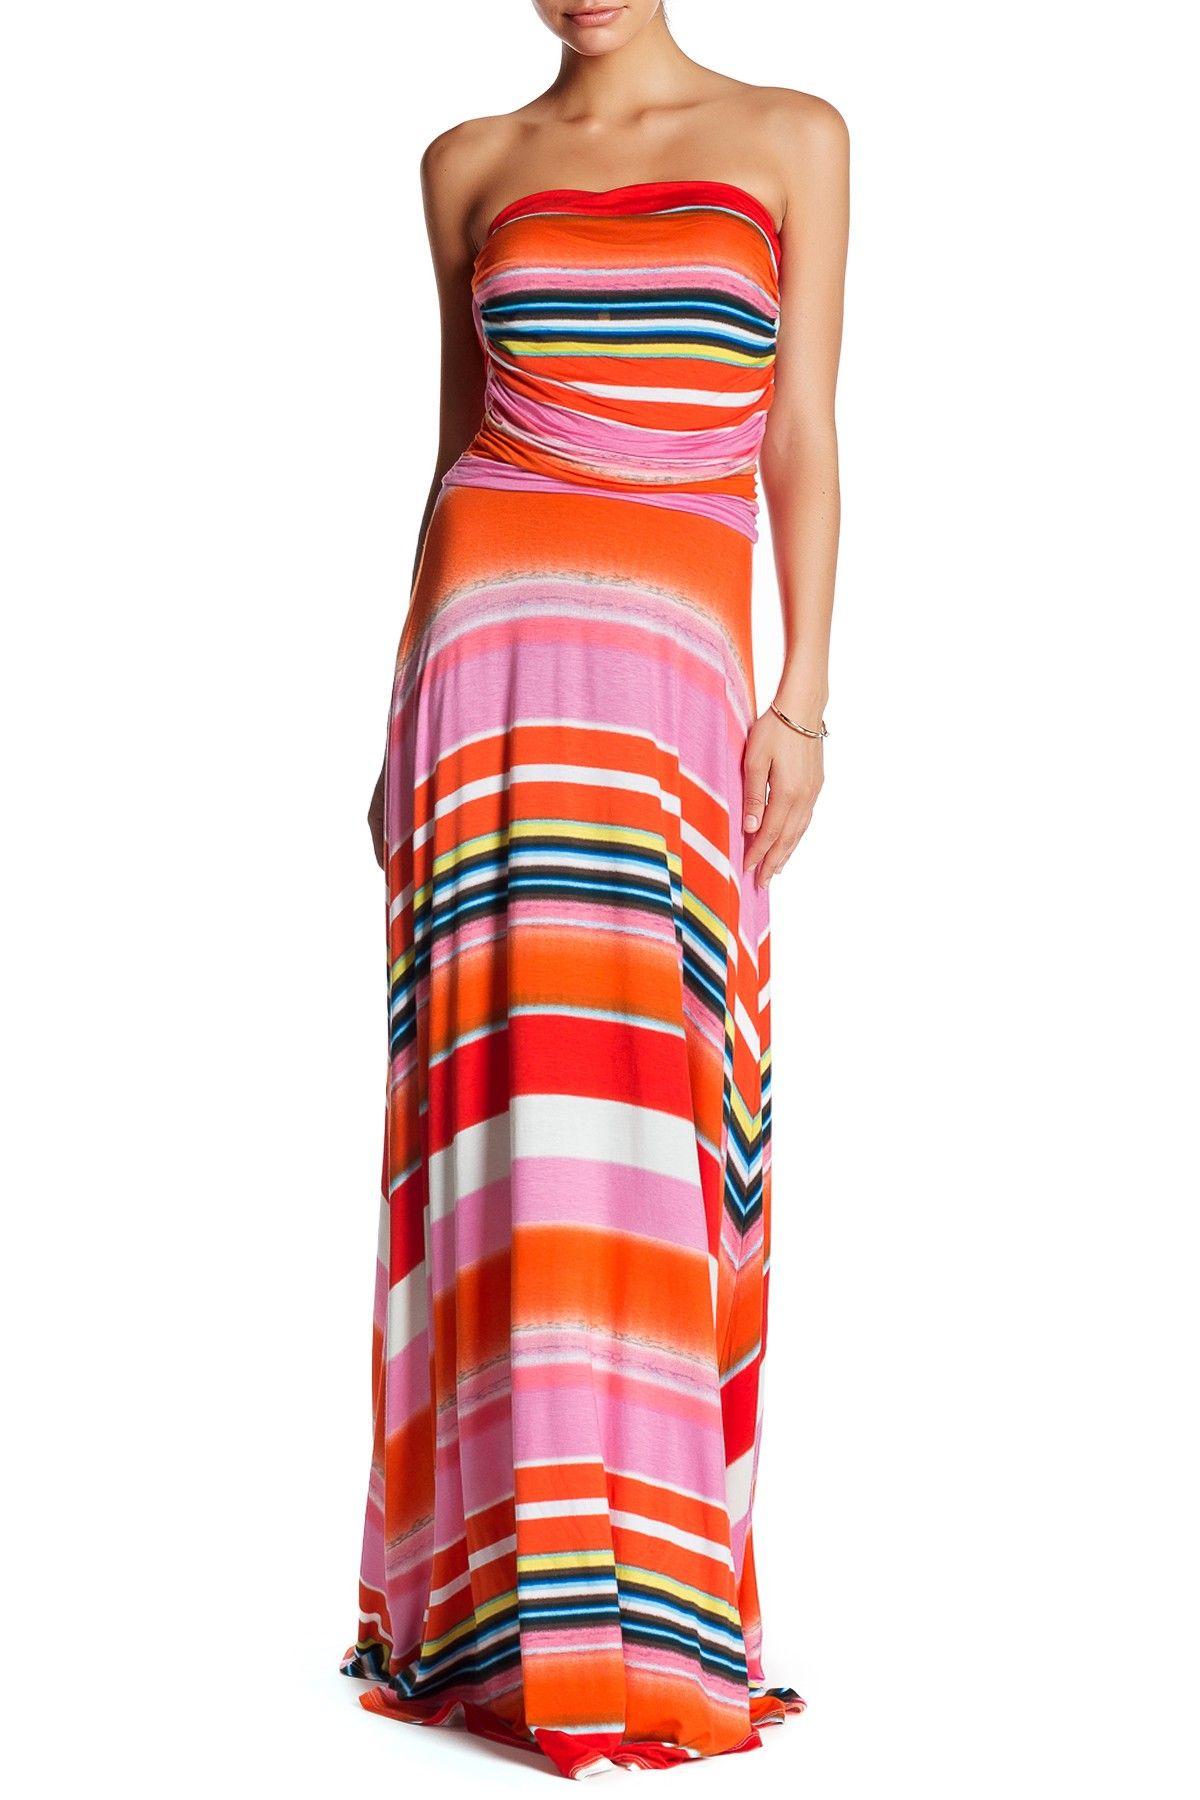 Strapless Maxi Dress Strapless Maxi Dress Maxi Dress Dresses [ 1800 x 1200 Pixel ]